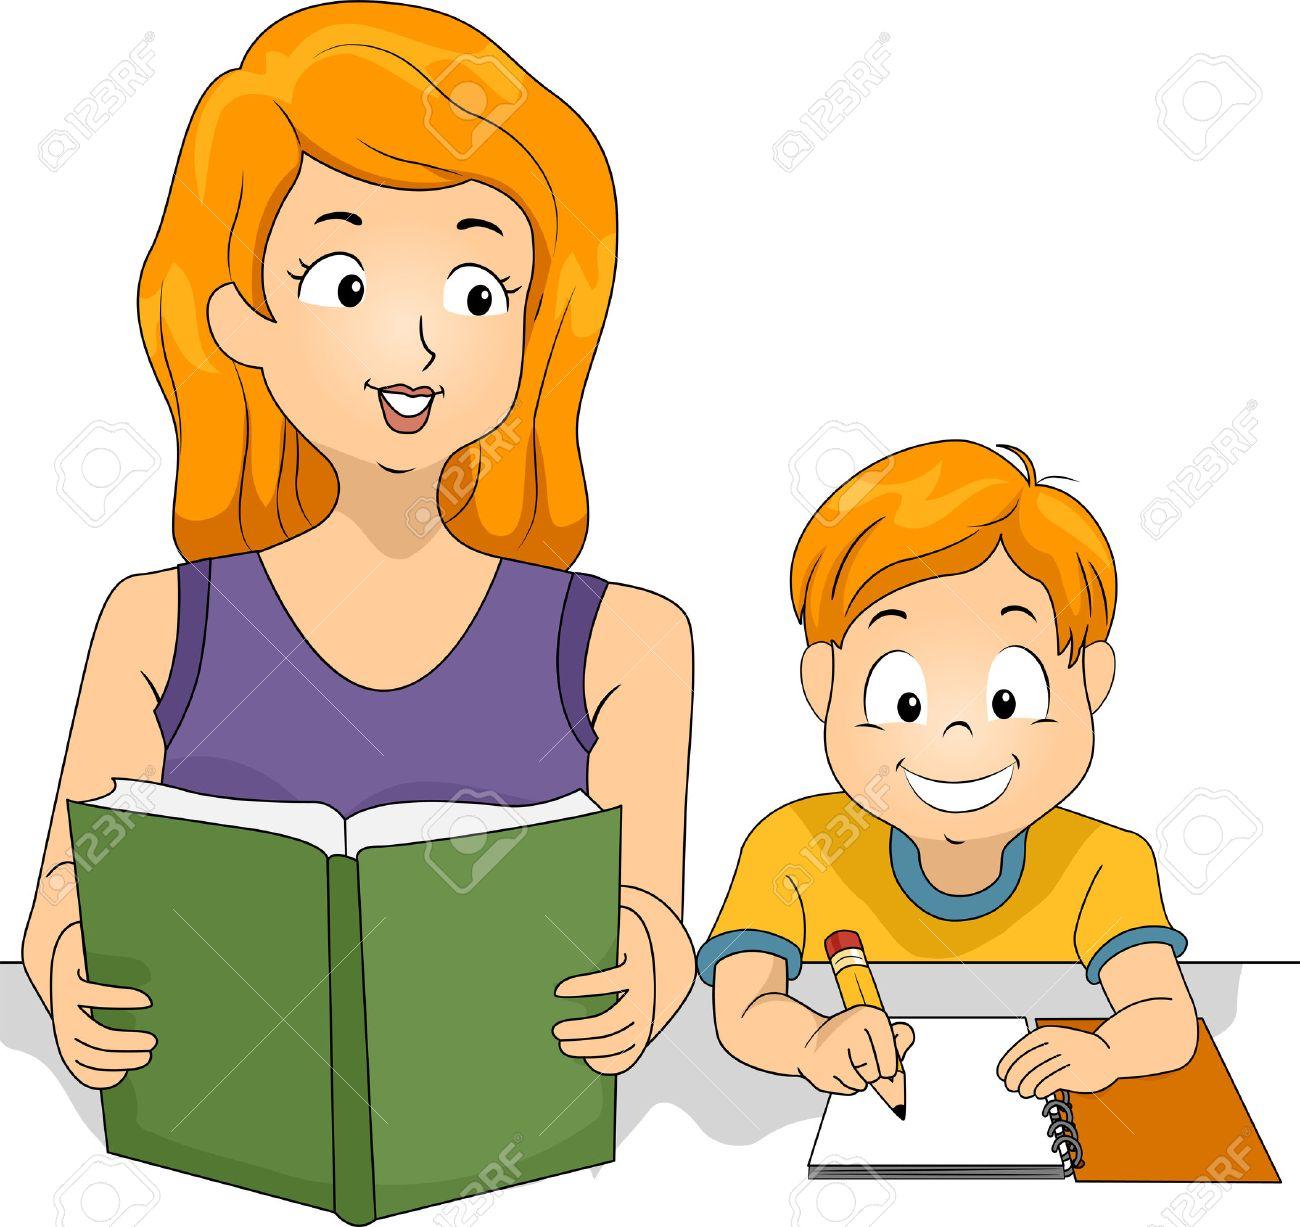 彼女の息子の宿題を助ける母のイラスト の写真素材画像素材 Image